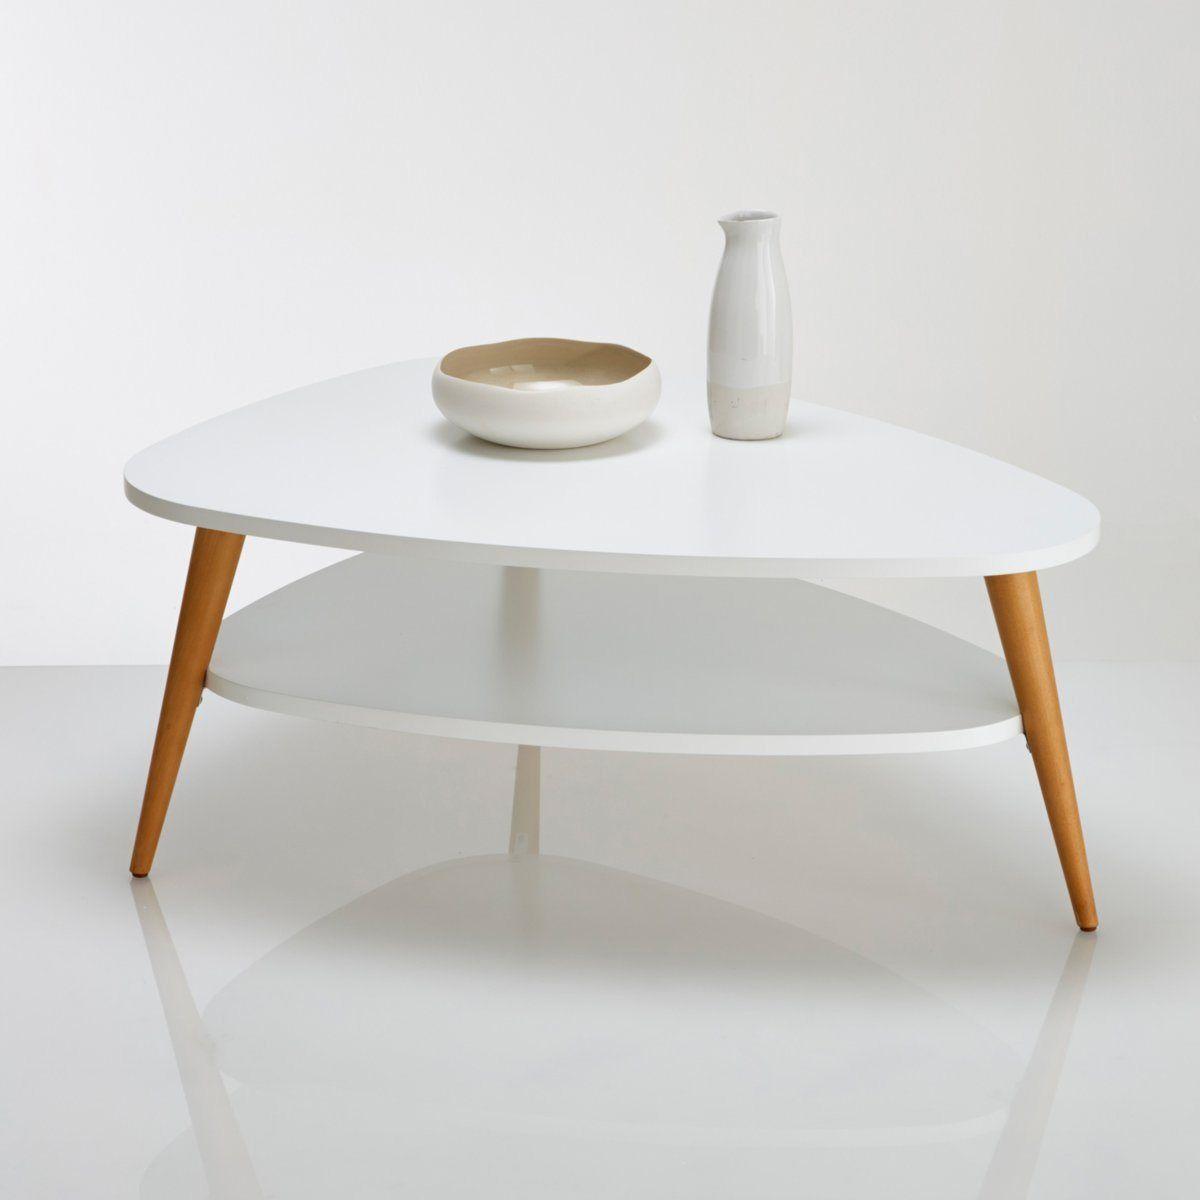 Pour Table Plateaux Prix D'un Jimi Le Vintage Avec La 2 Basse n08wPkNOX